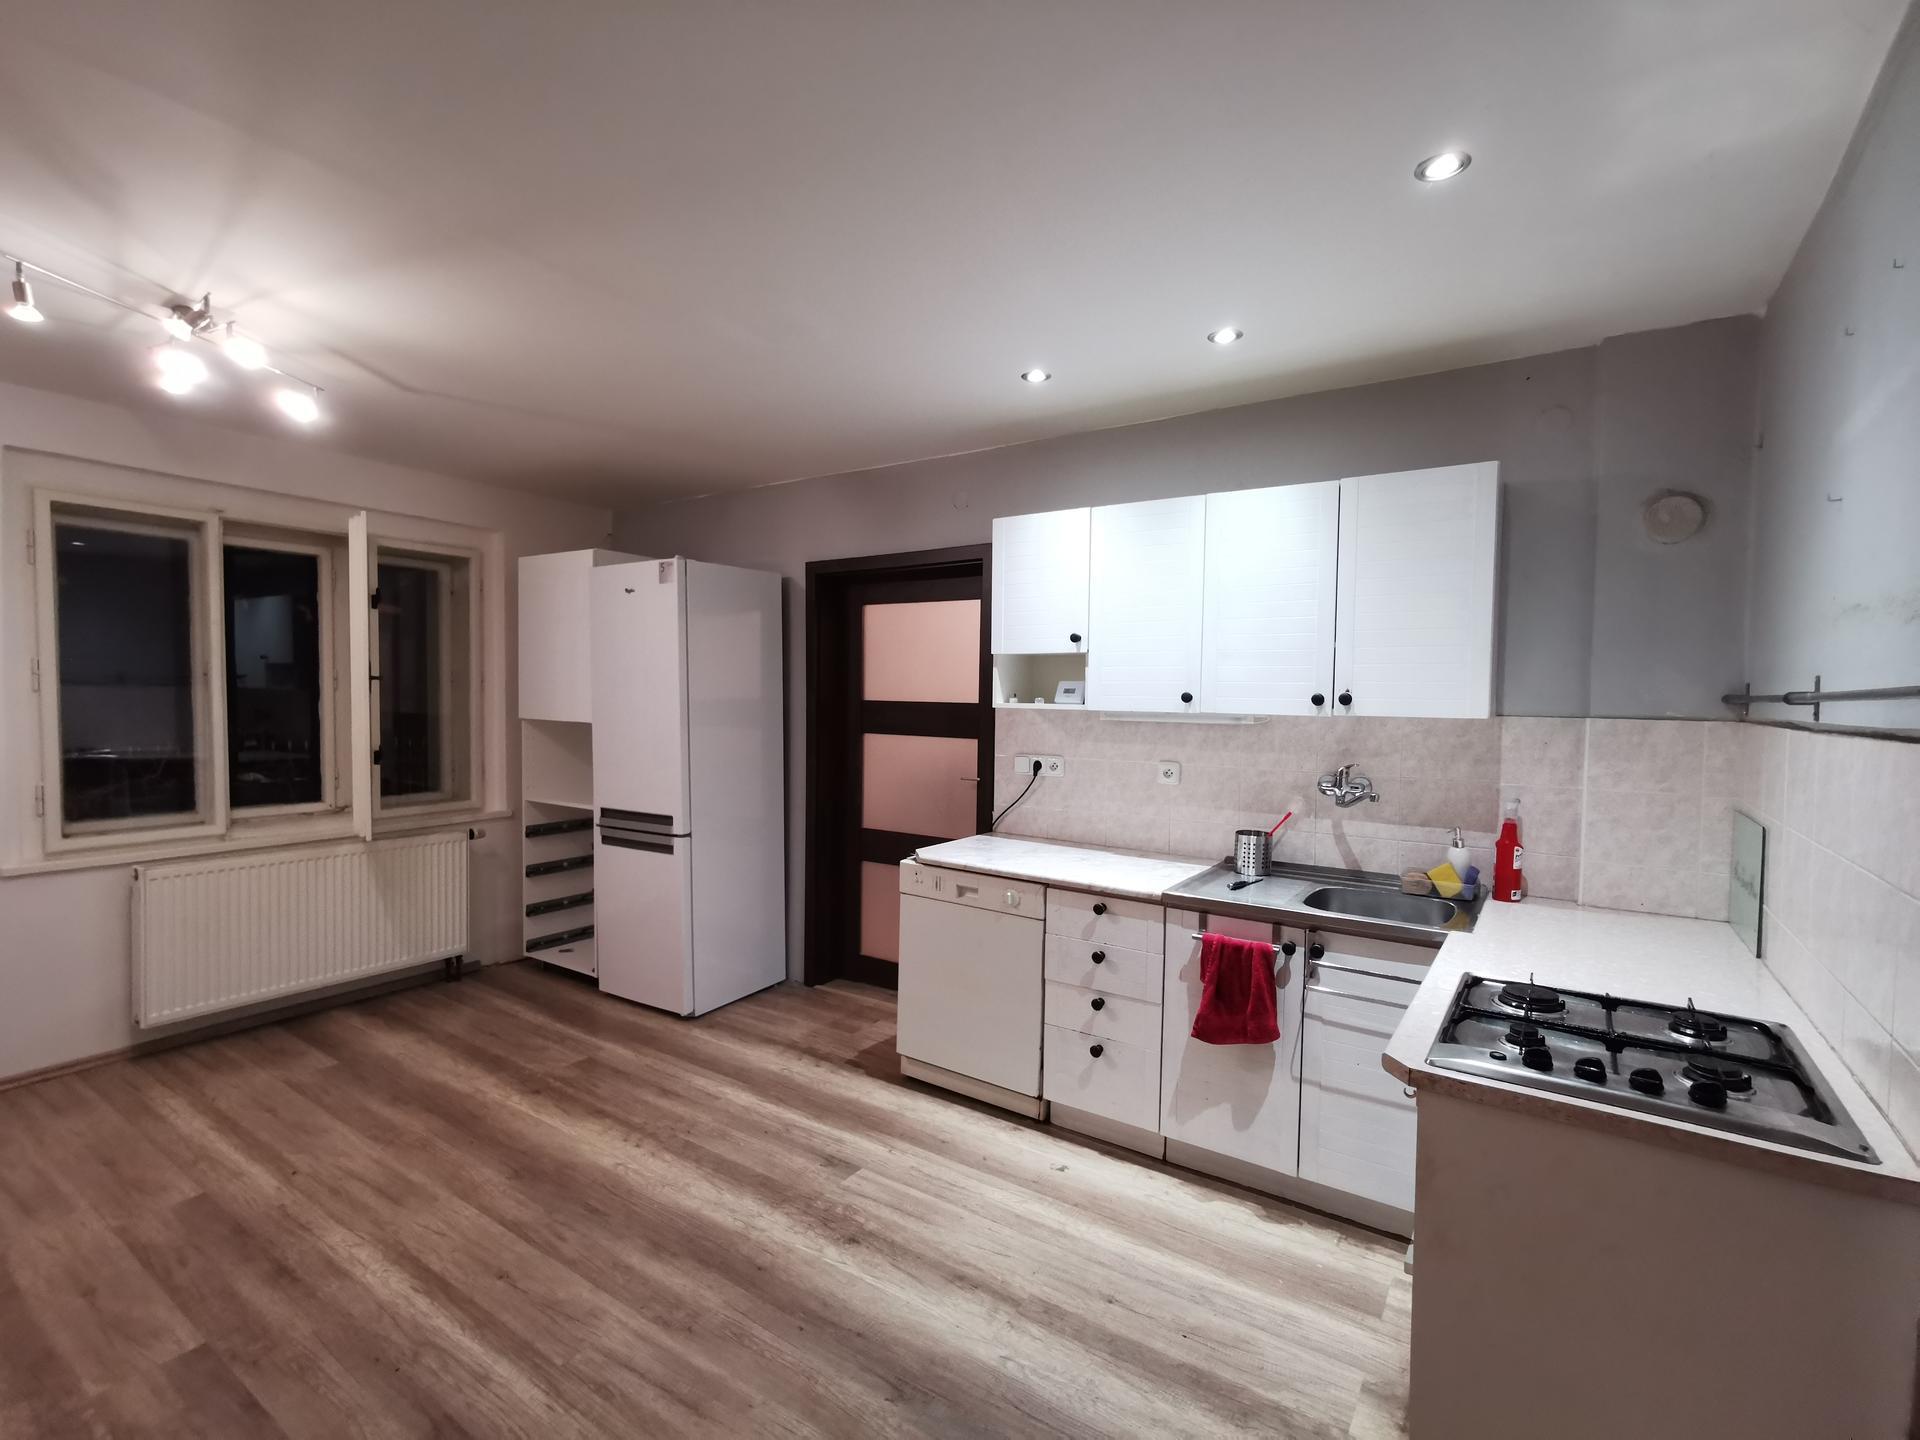 Kuchyně - rekonstrukce - Původní stav